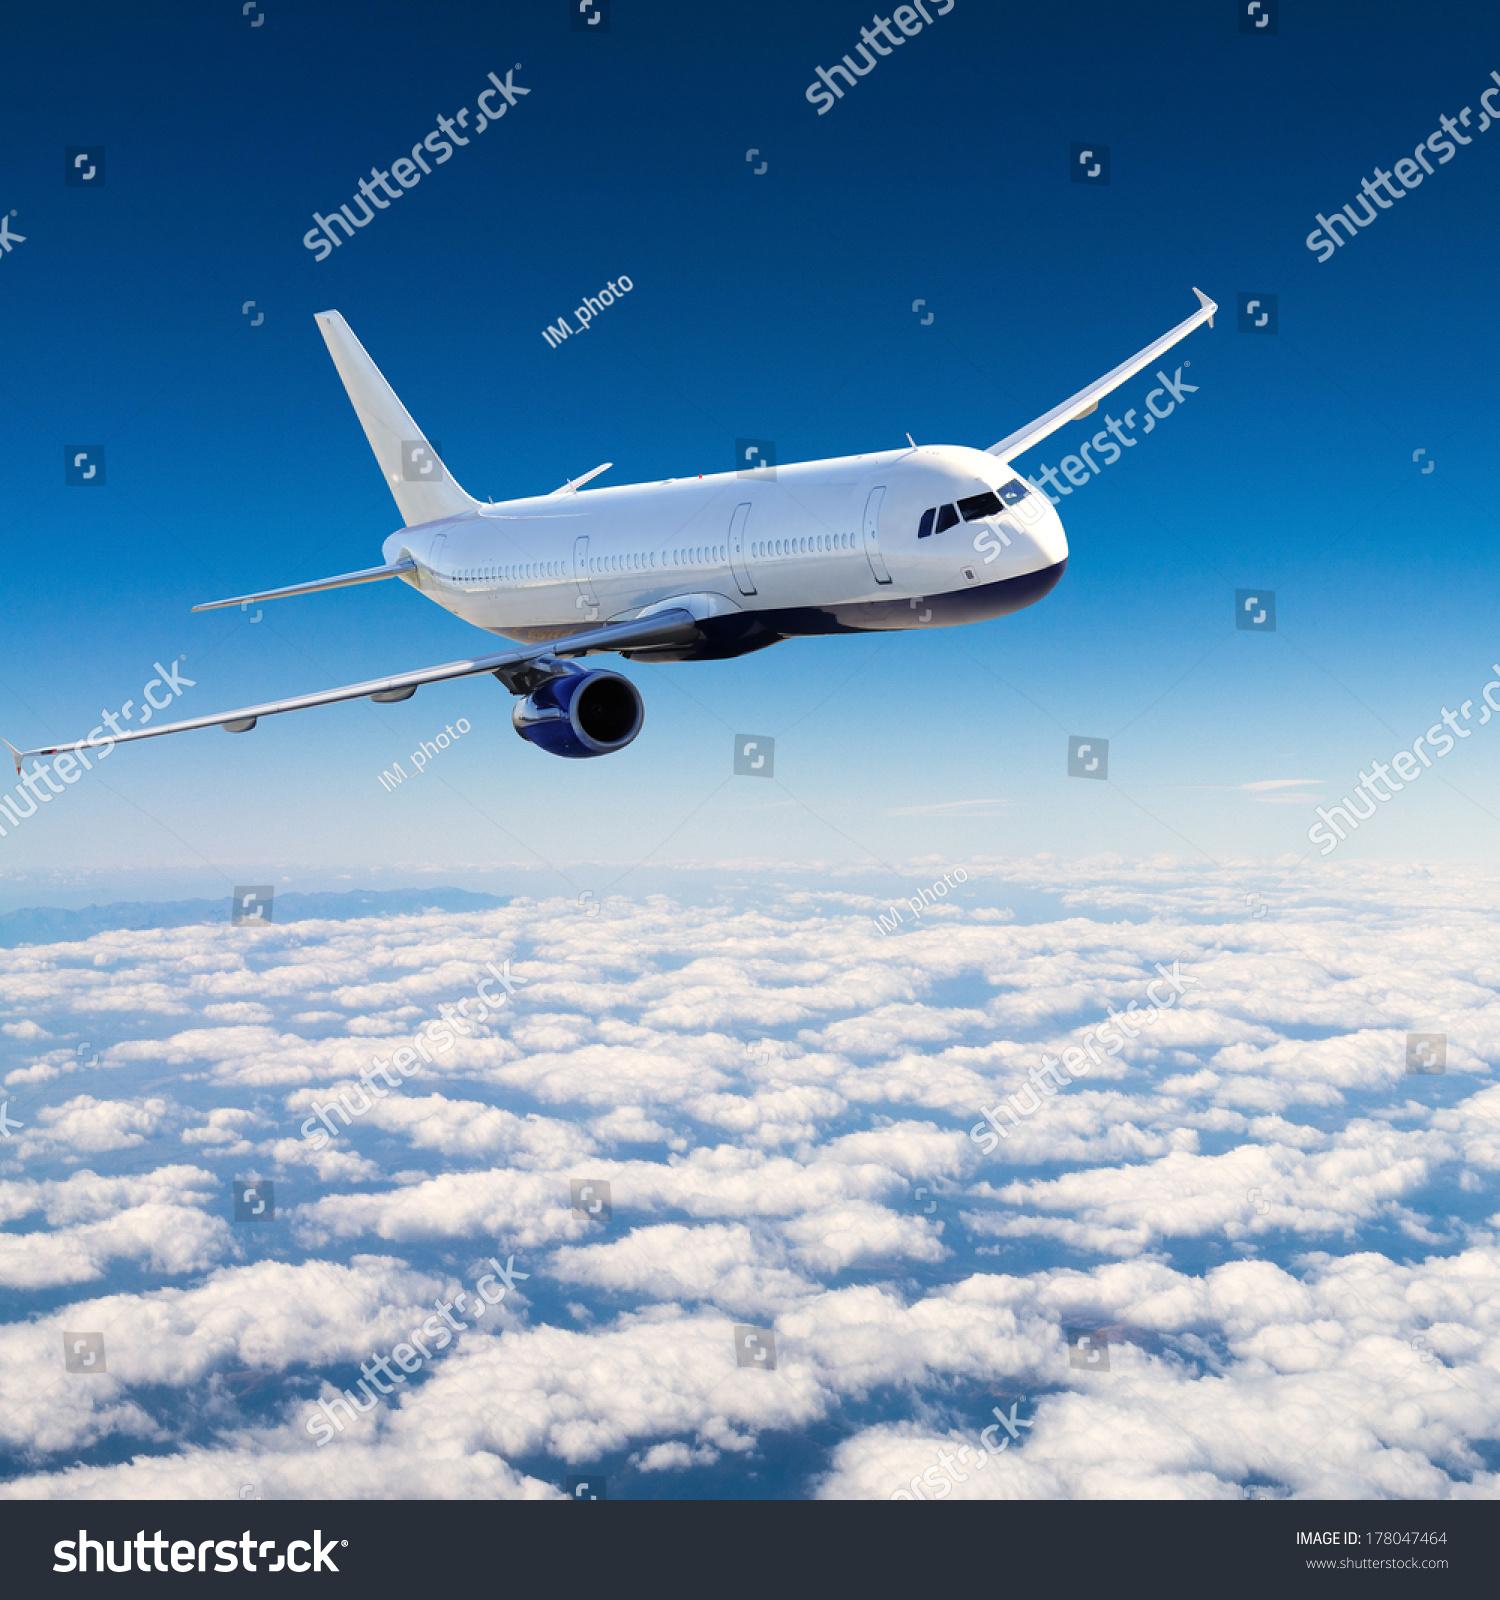 飞机在空中客机/飞机-交通运输